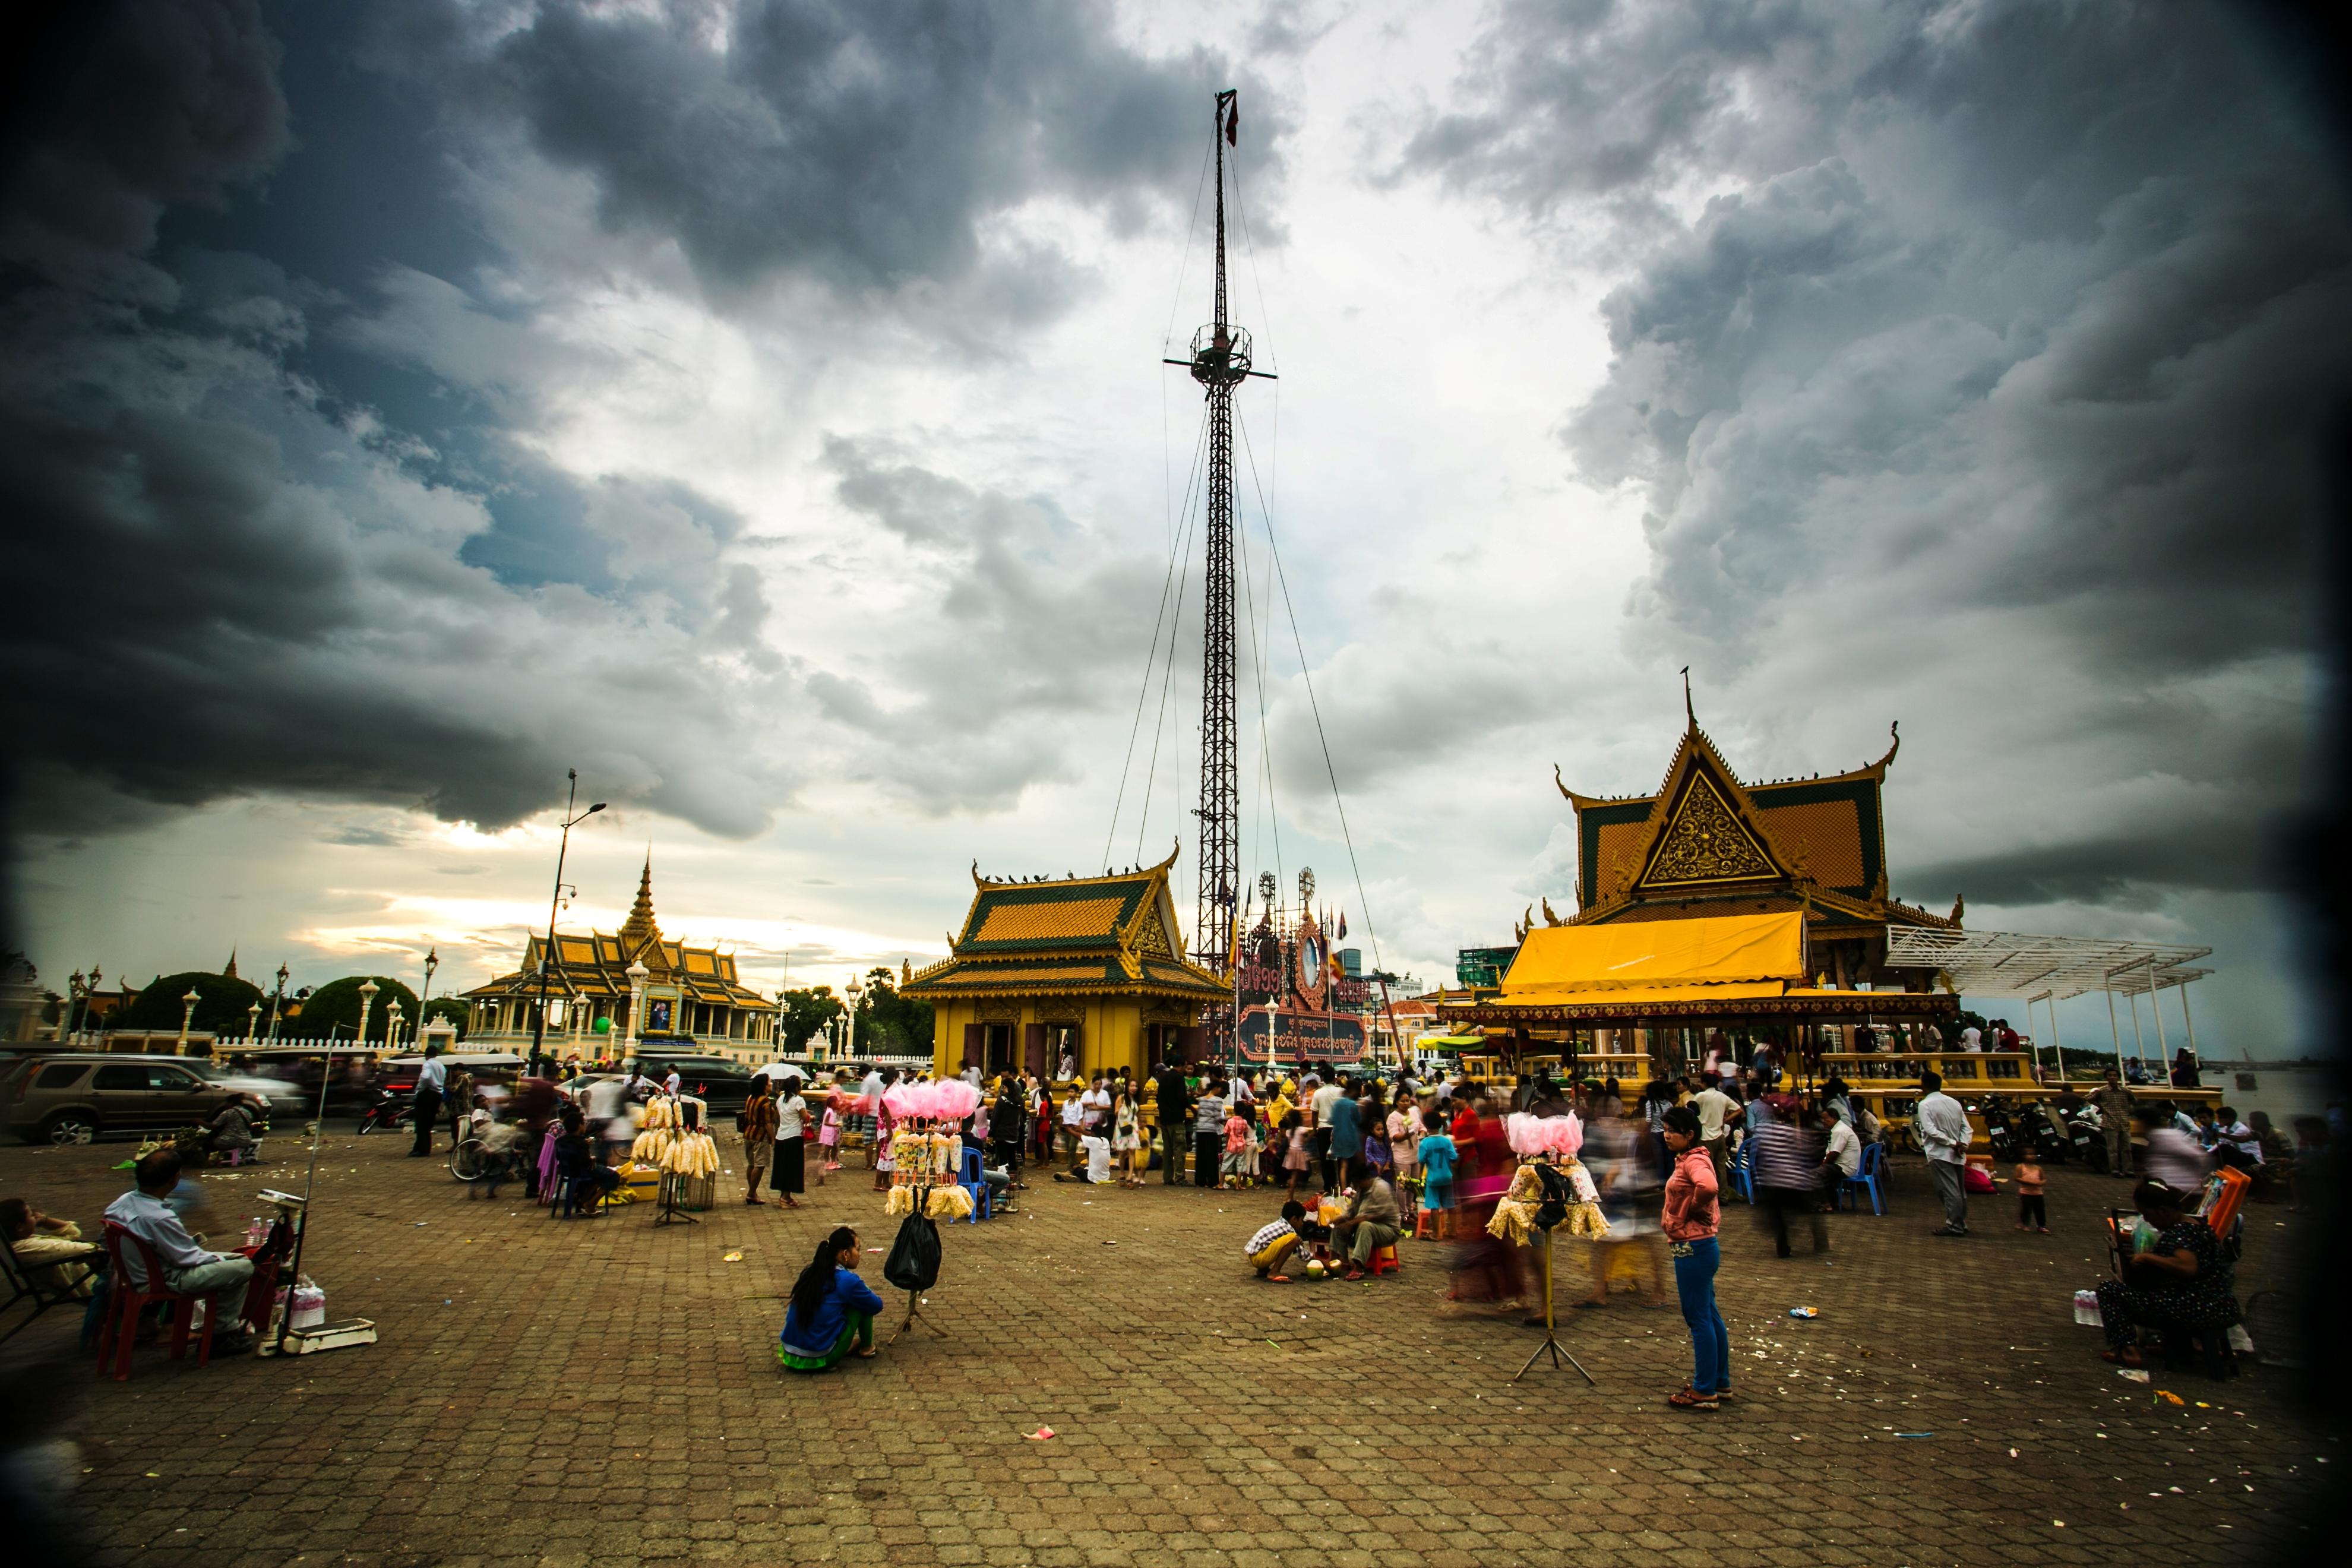 세계테마기행 - 순수한 미소를 만나다,캄보디아 2부 캄보디아의 추석, 프춤번